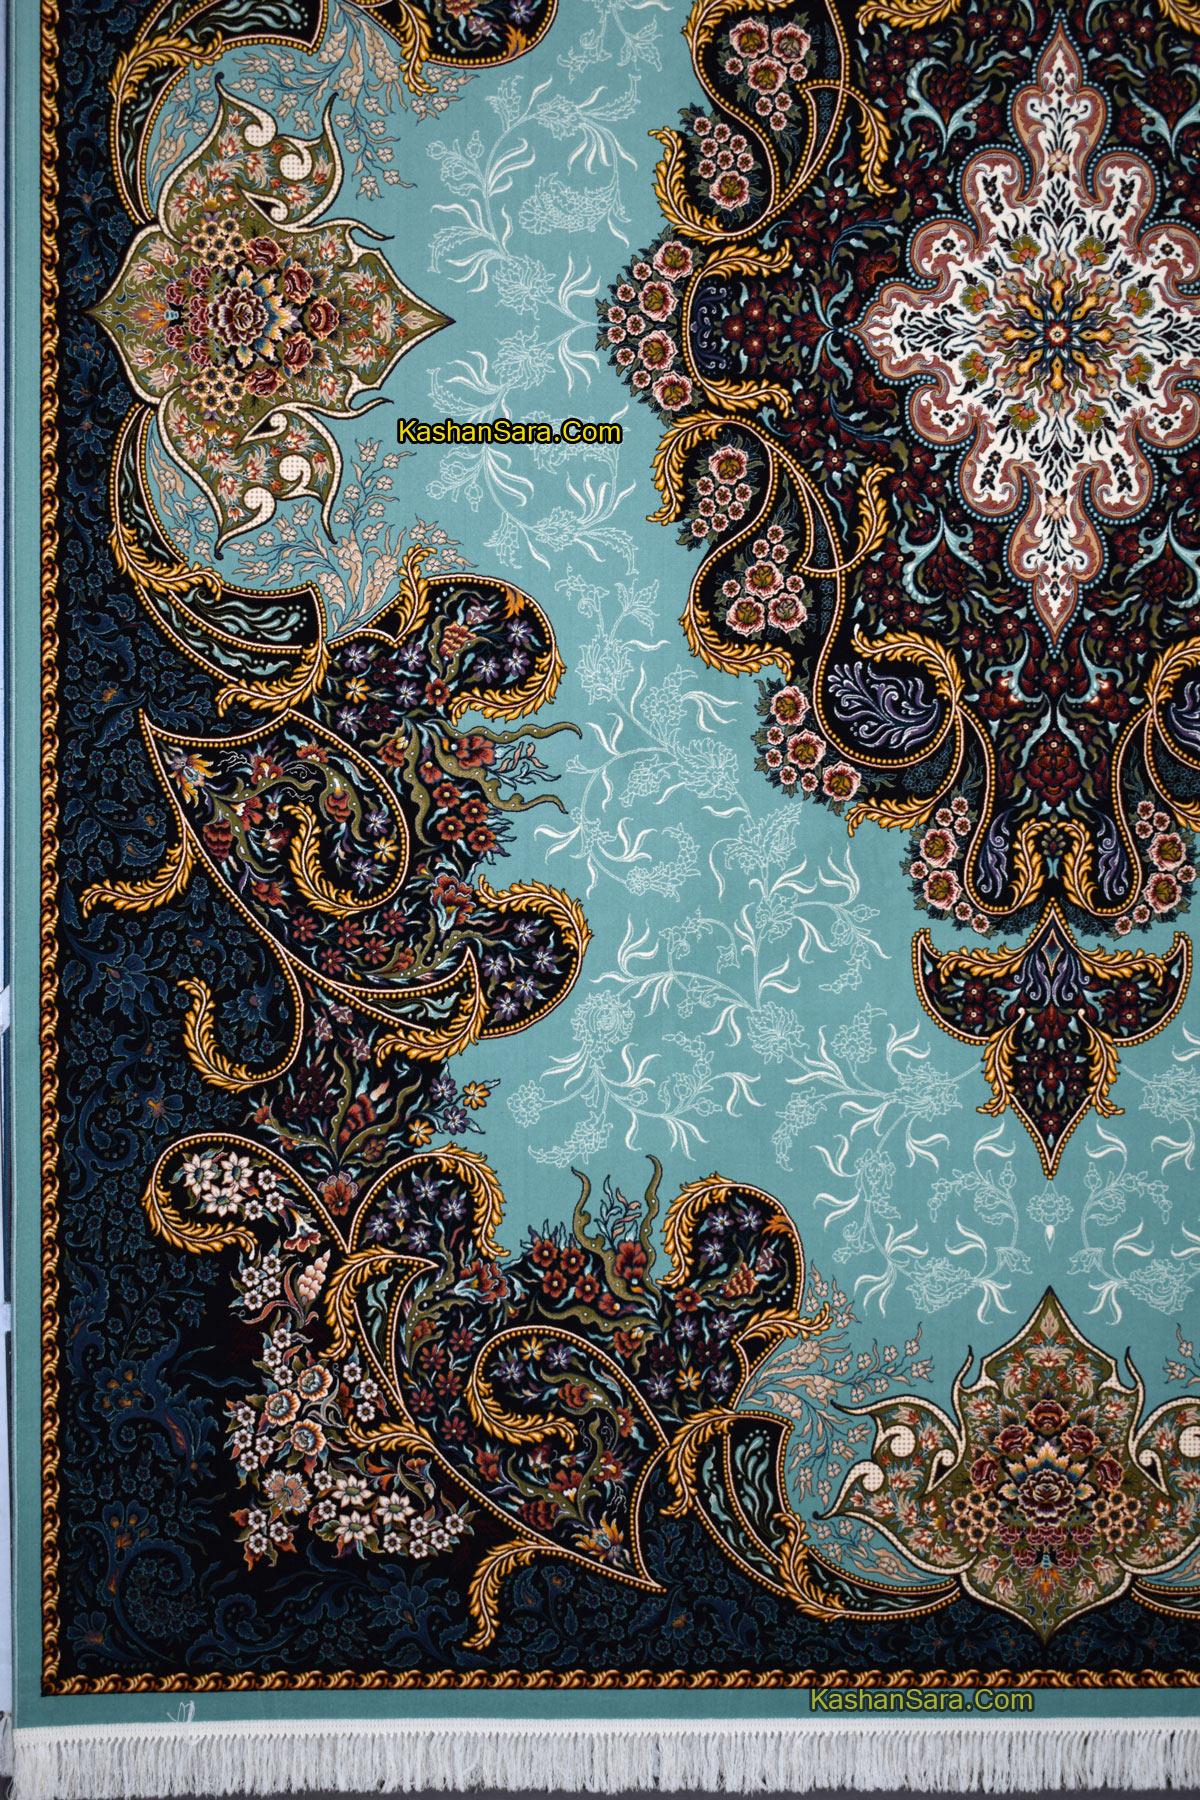 فرش ماشینی ۱۰۰۰ شانه کاشان نقشه شهرزاد